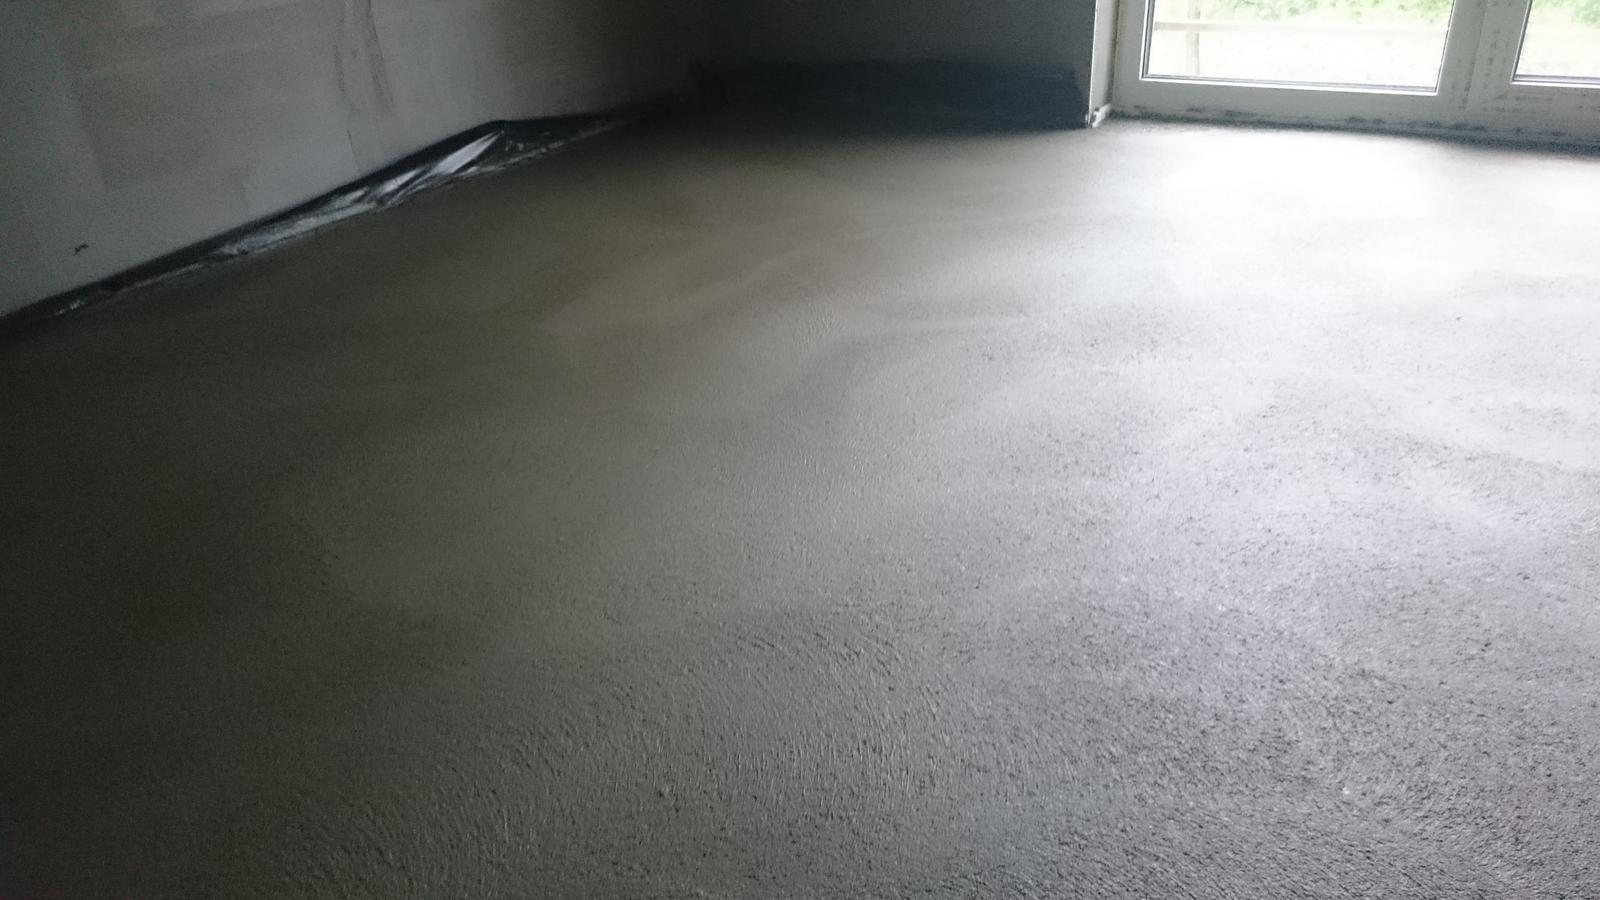 Zaciname...pokračujeme... - Potery hotové, cena za prácu 3,7e/m2, celkovo materál(vo vlatnej réžii, piesok,cement plastifikátor a vlákna) + práca=920eur za 141m2